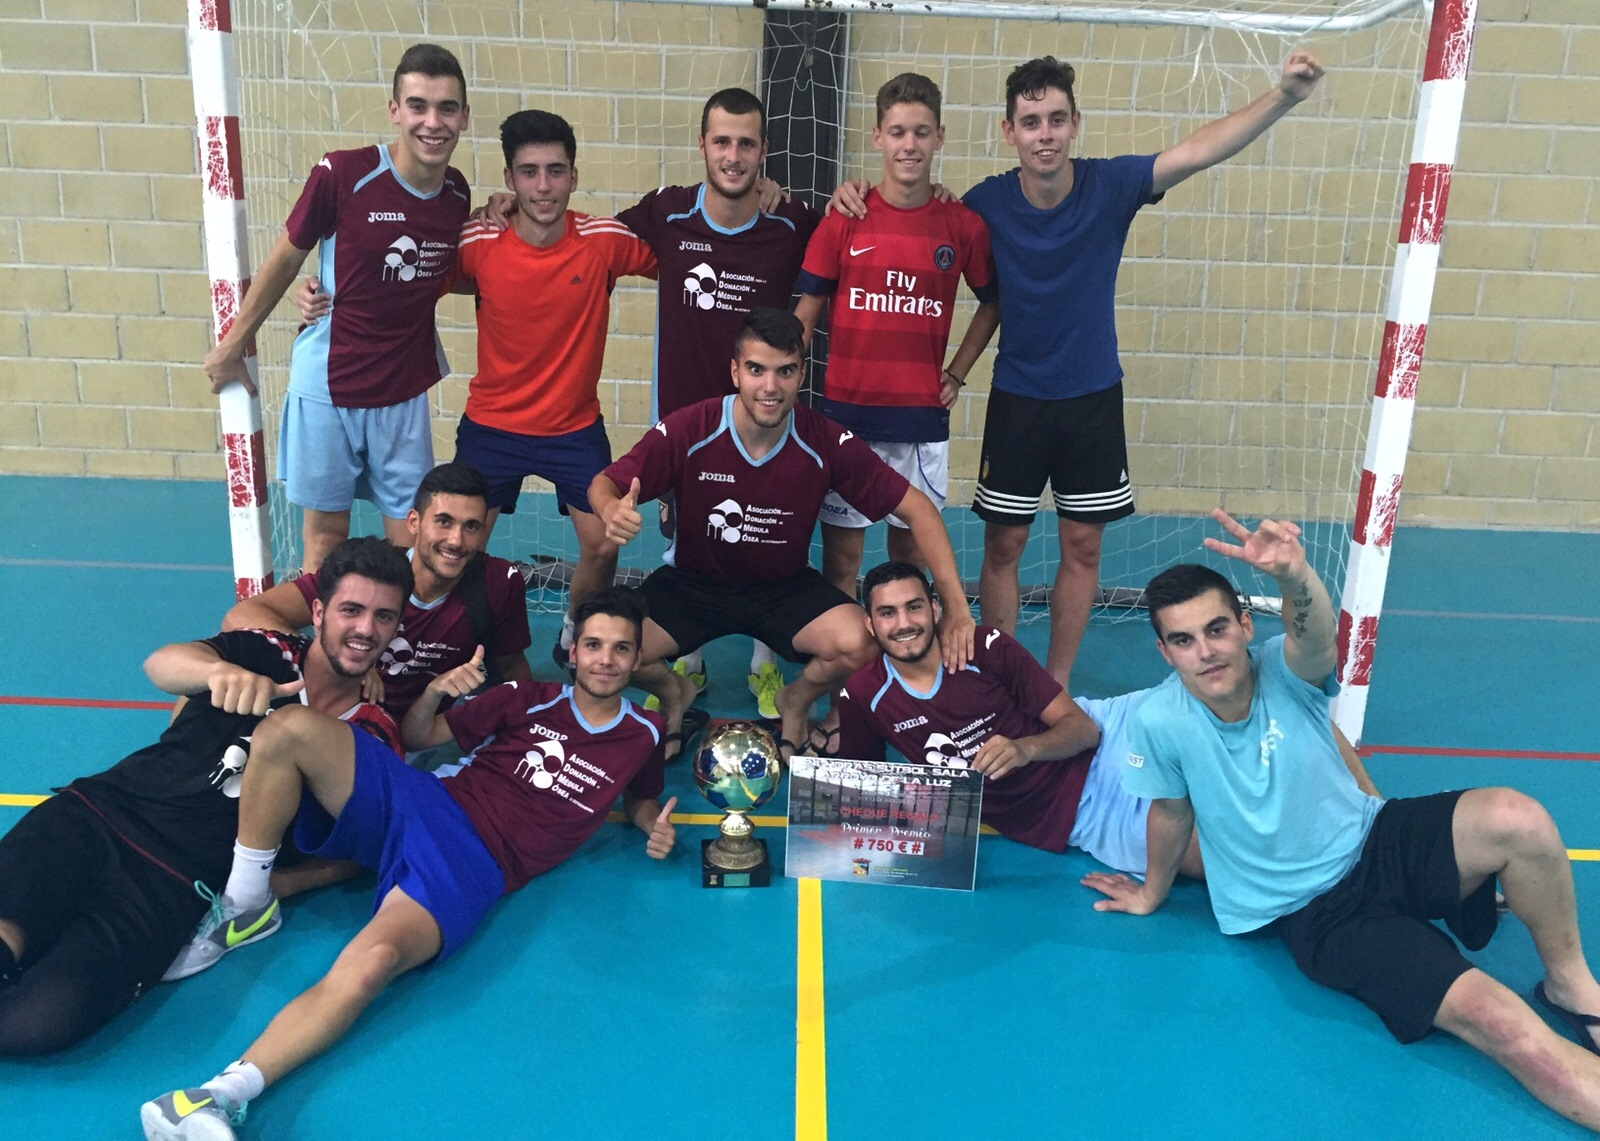 58f7daab7f0d9 Hoy queremos felicitarles porque han ganado las 24 horas de fútbol sala de  Arroyo de la Luz y han sido semifinalistas de las 24 h. de Malpartida de  Cáceres.